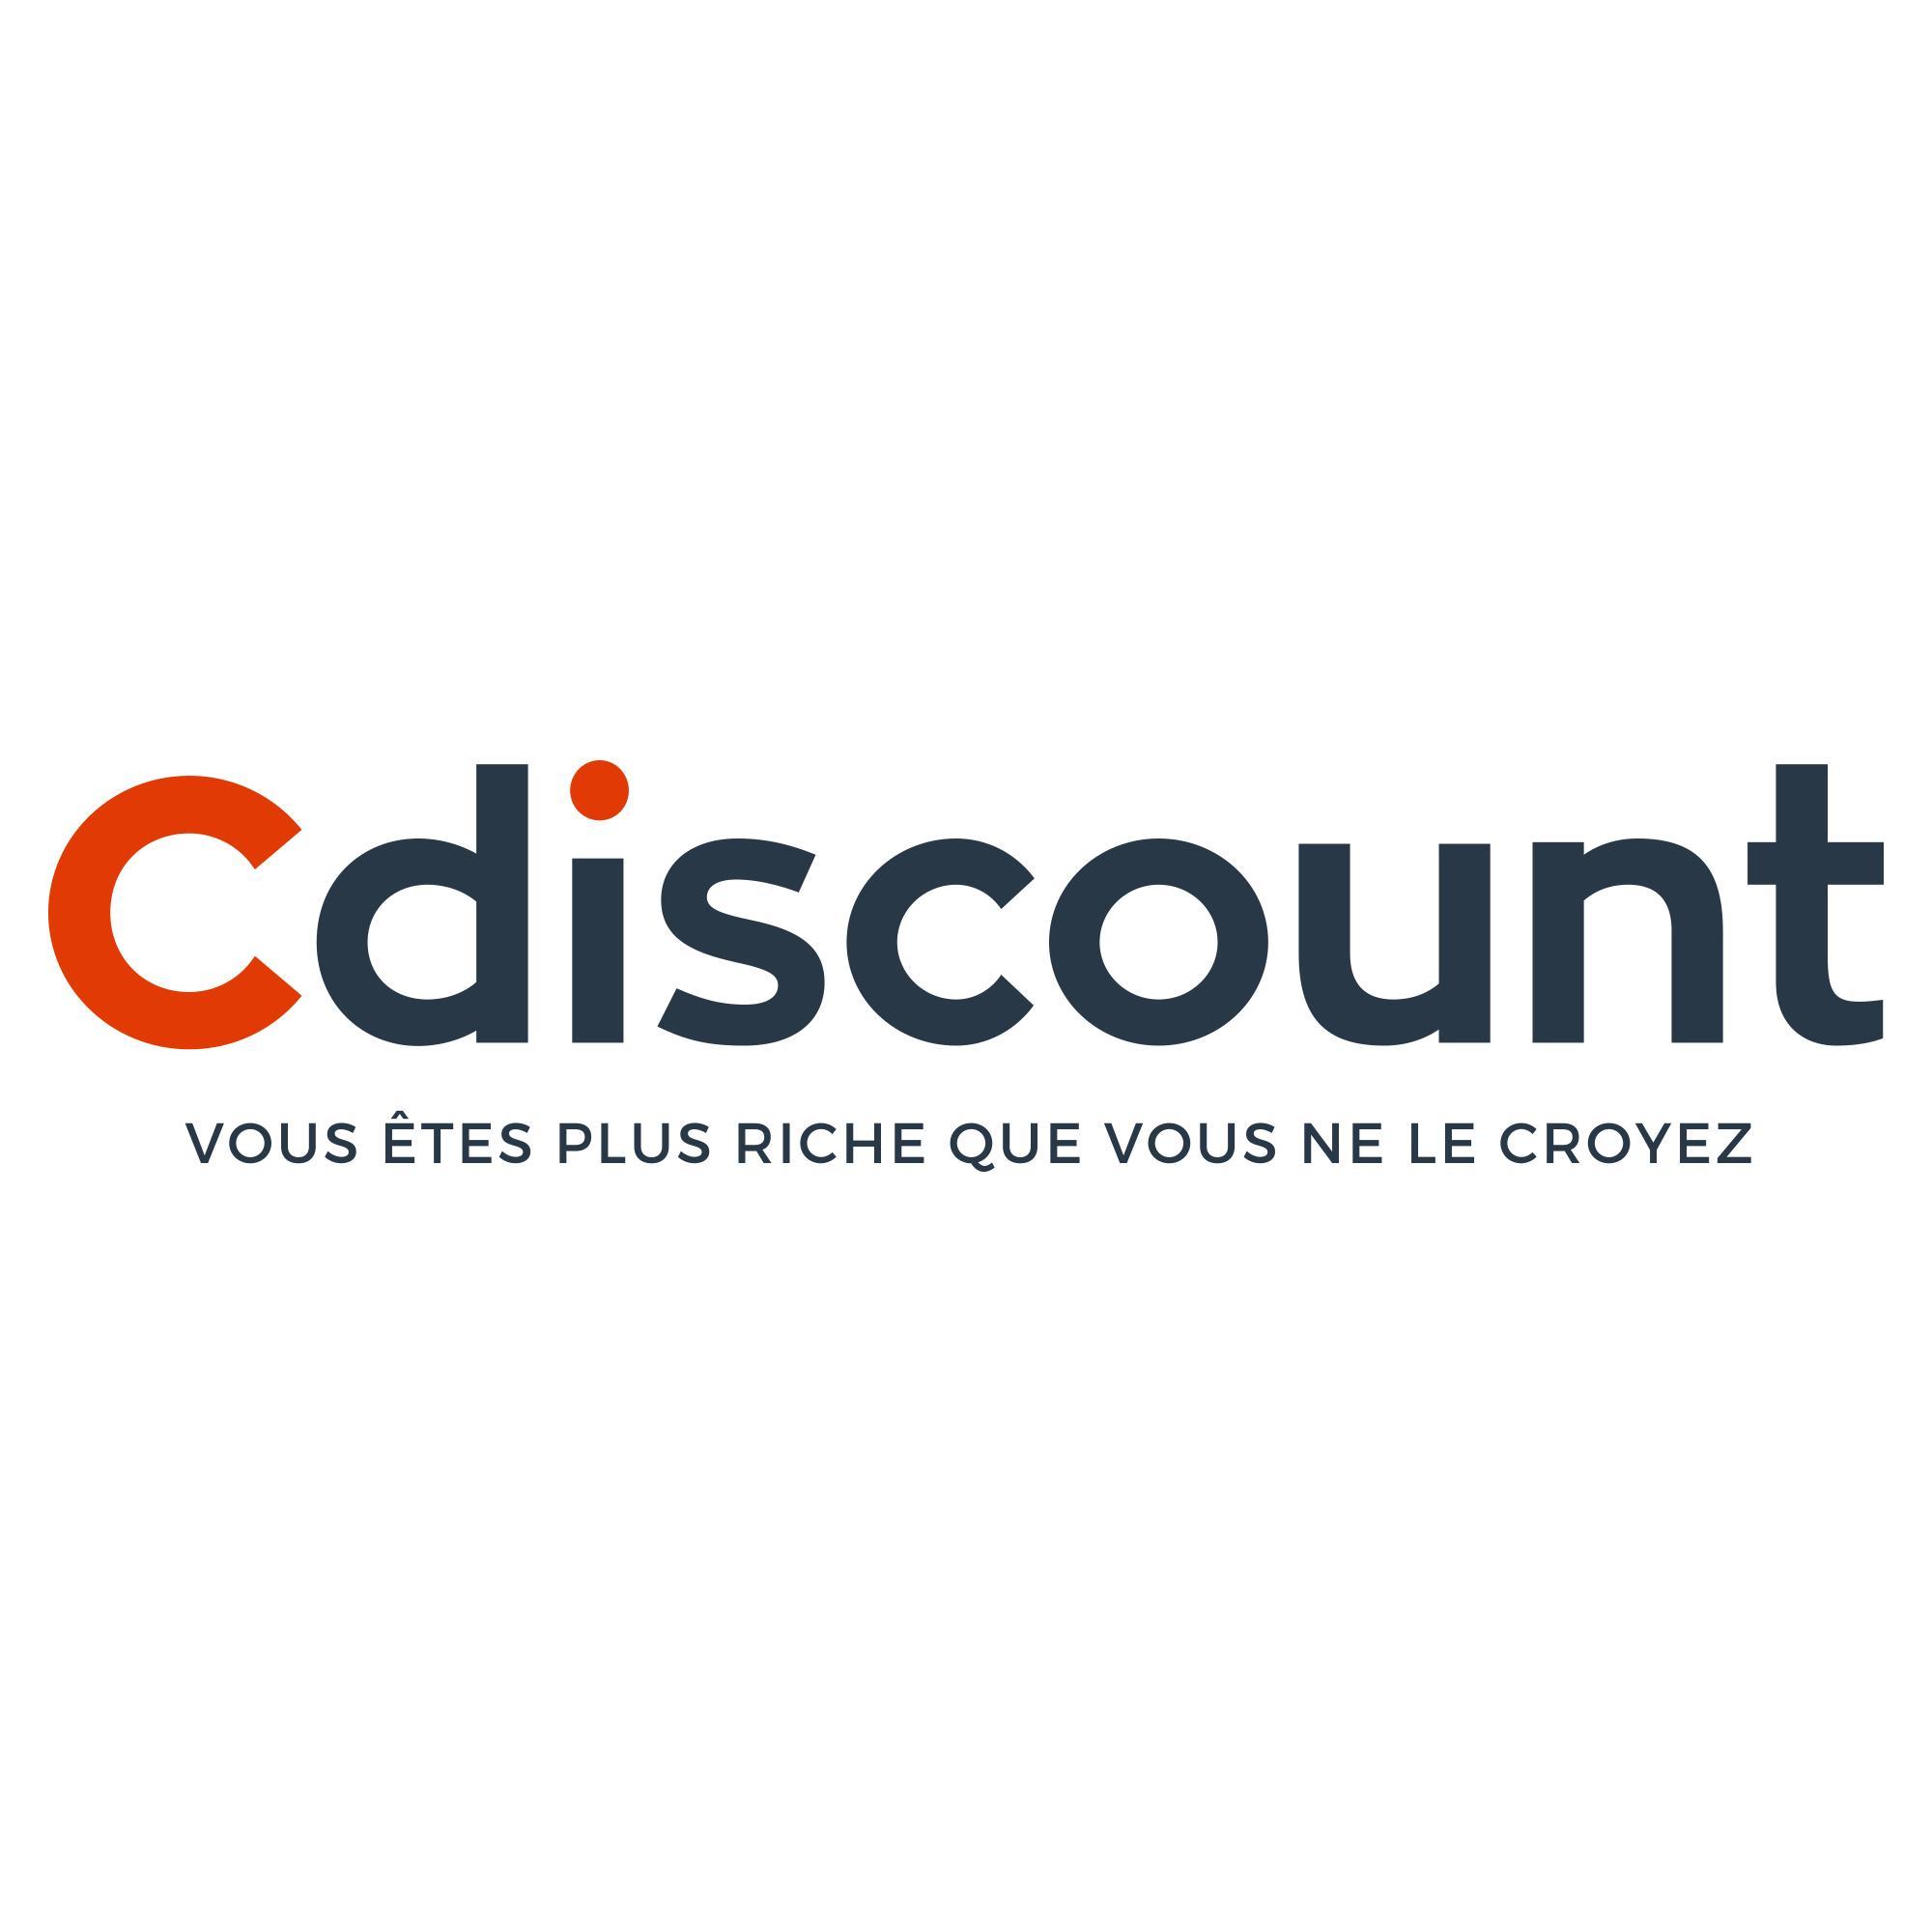 [Nouveaux clients] 10€ de réduction sur votre commande en souscrivant à Cdiscount à volonté